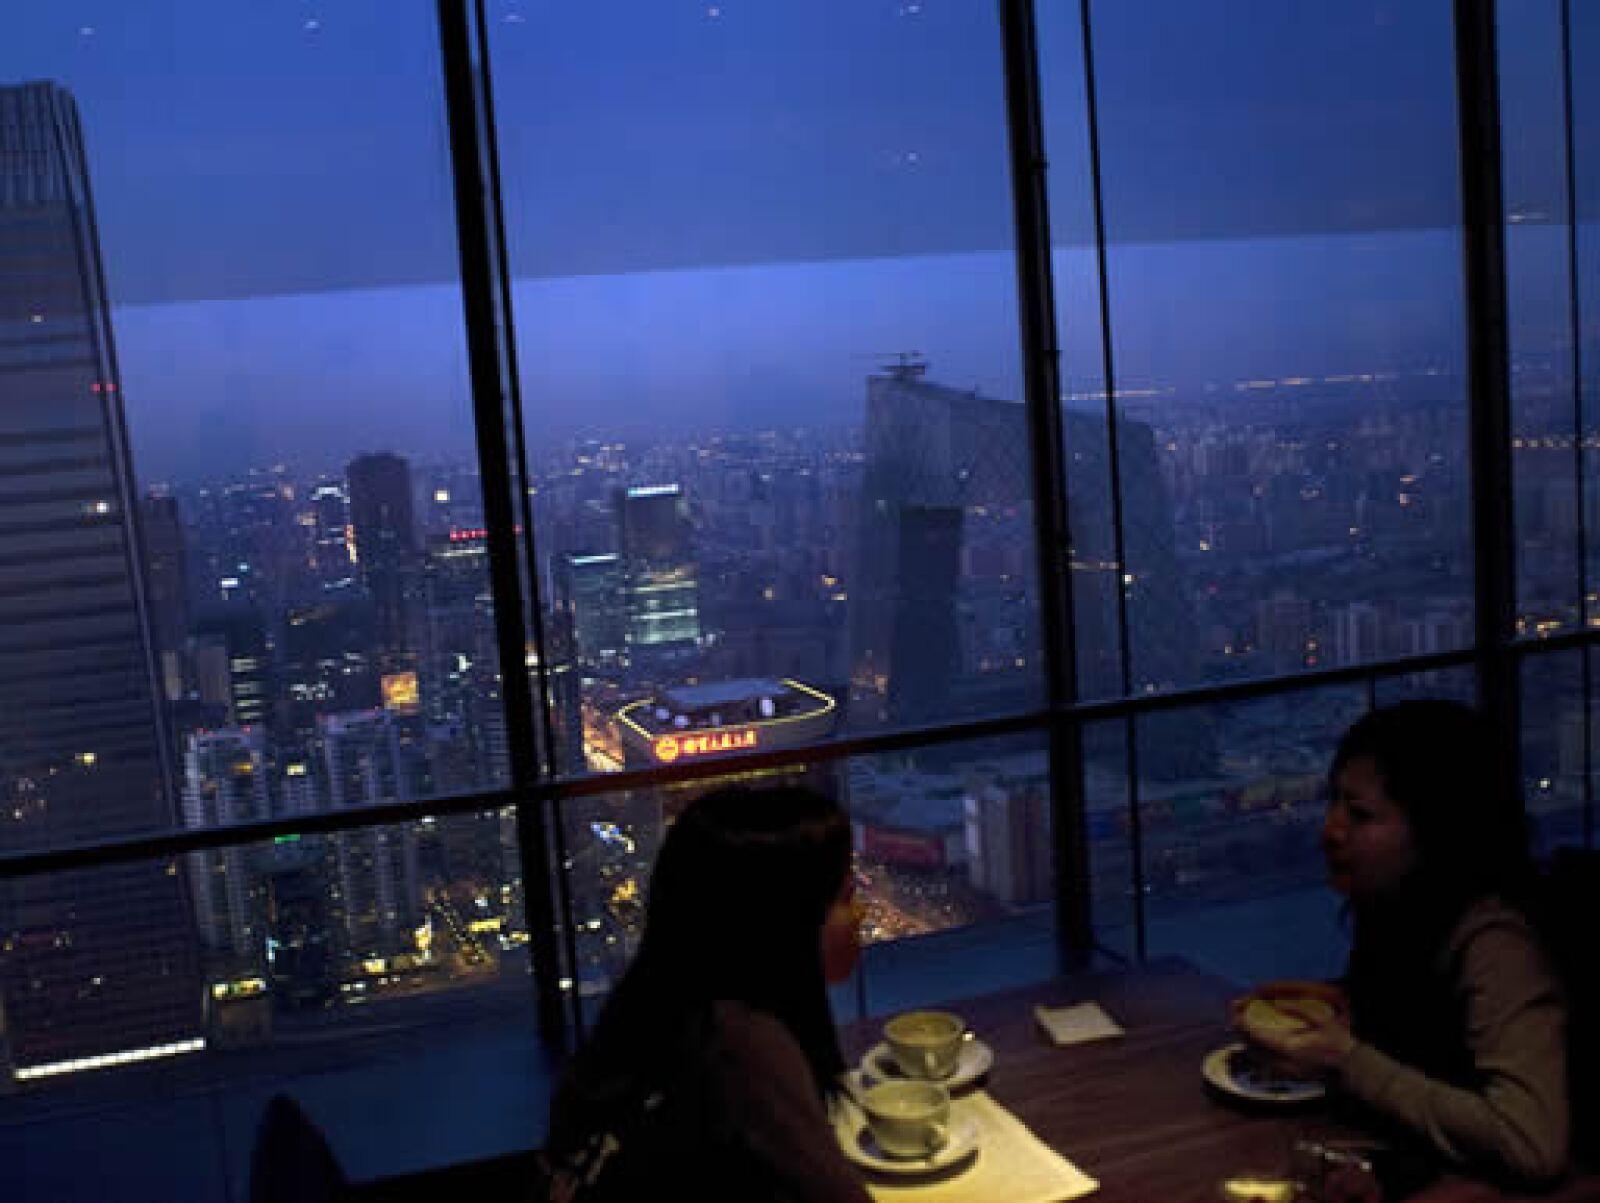 Dos amigas disfrutan de un café en un restaurante con vista a la ciudad de Pekín.